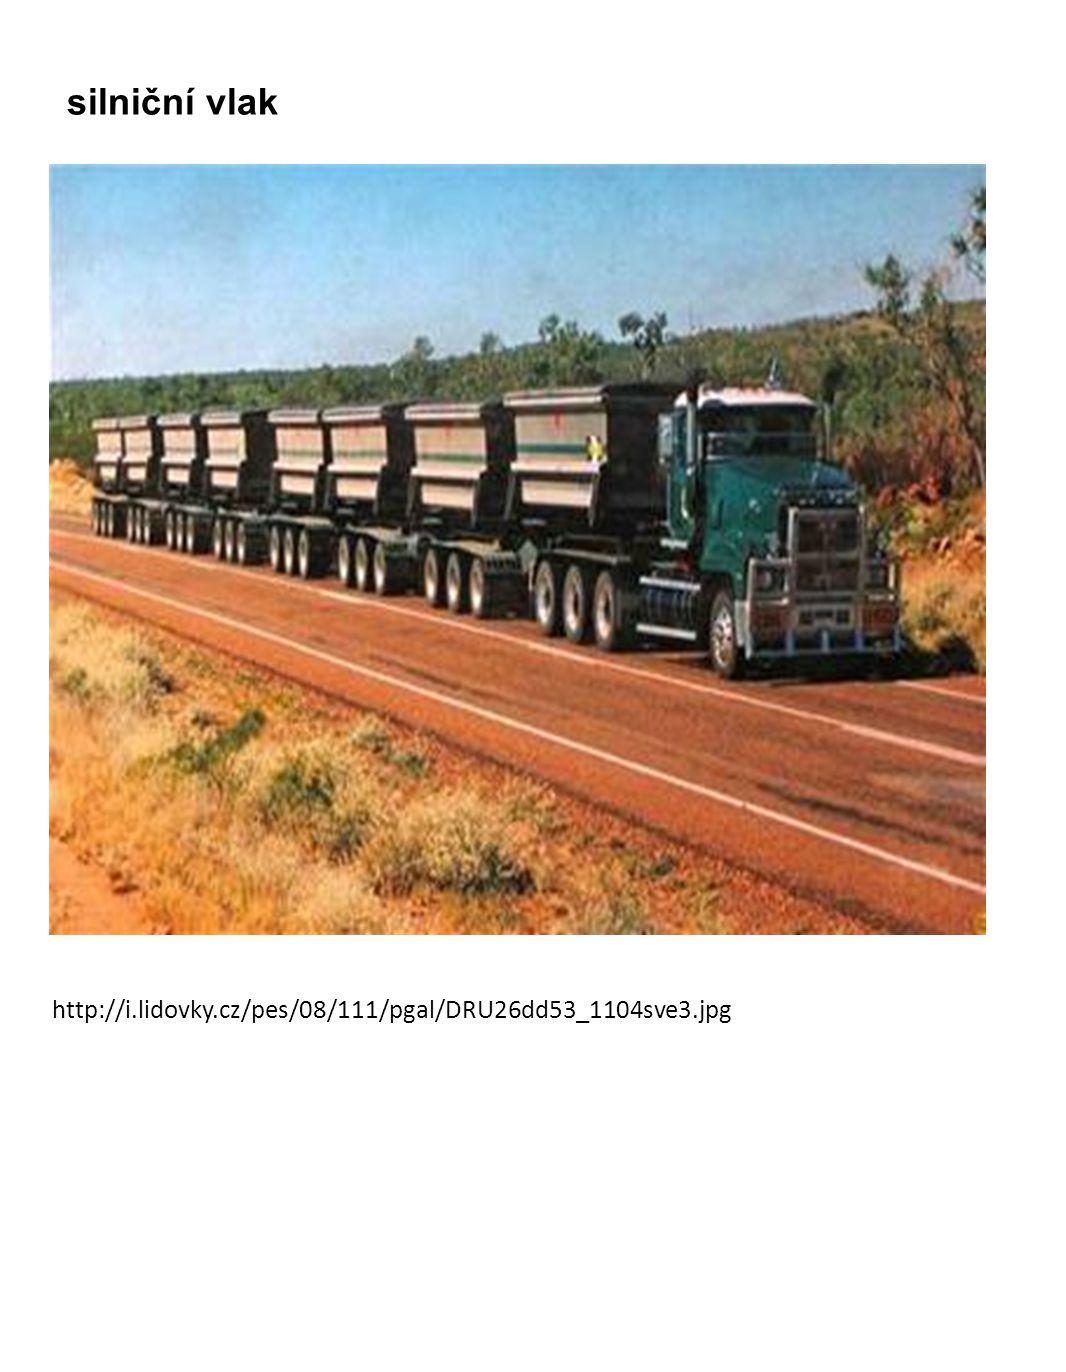 silniční vlak http://i.lidovky.cz/pes/08/111/pgal/DRU26dd53_1104sve3.jpg